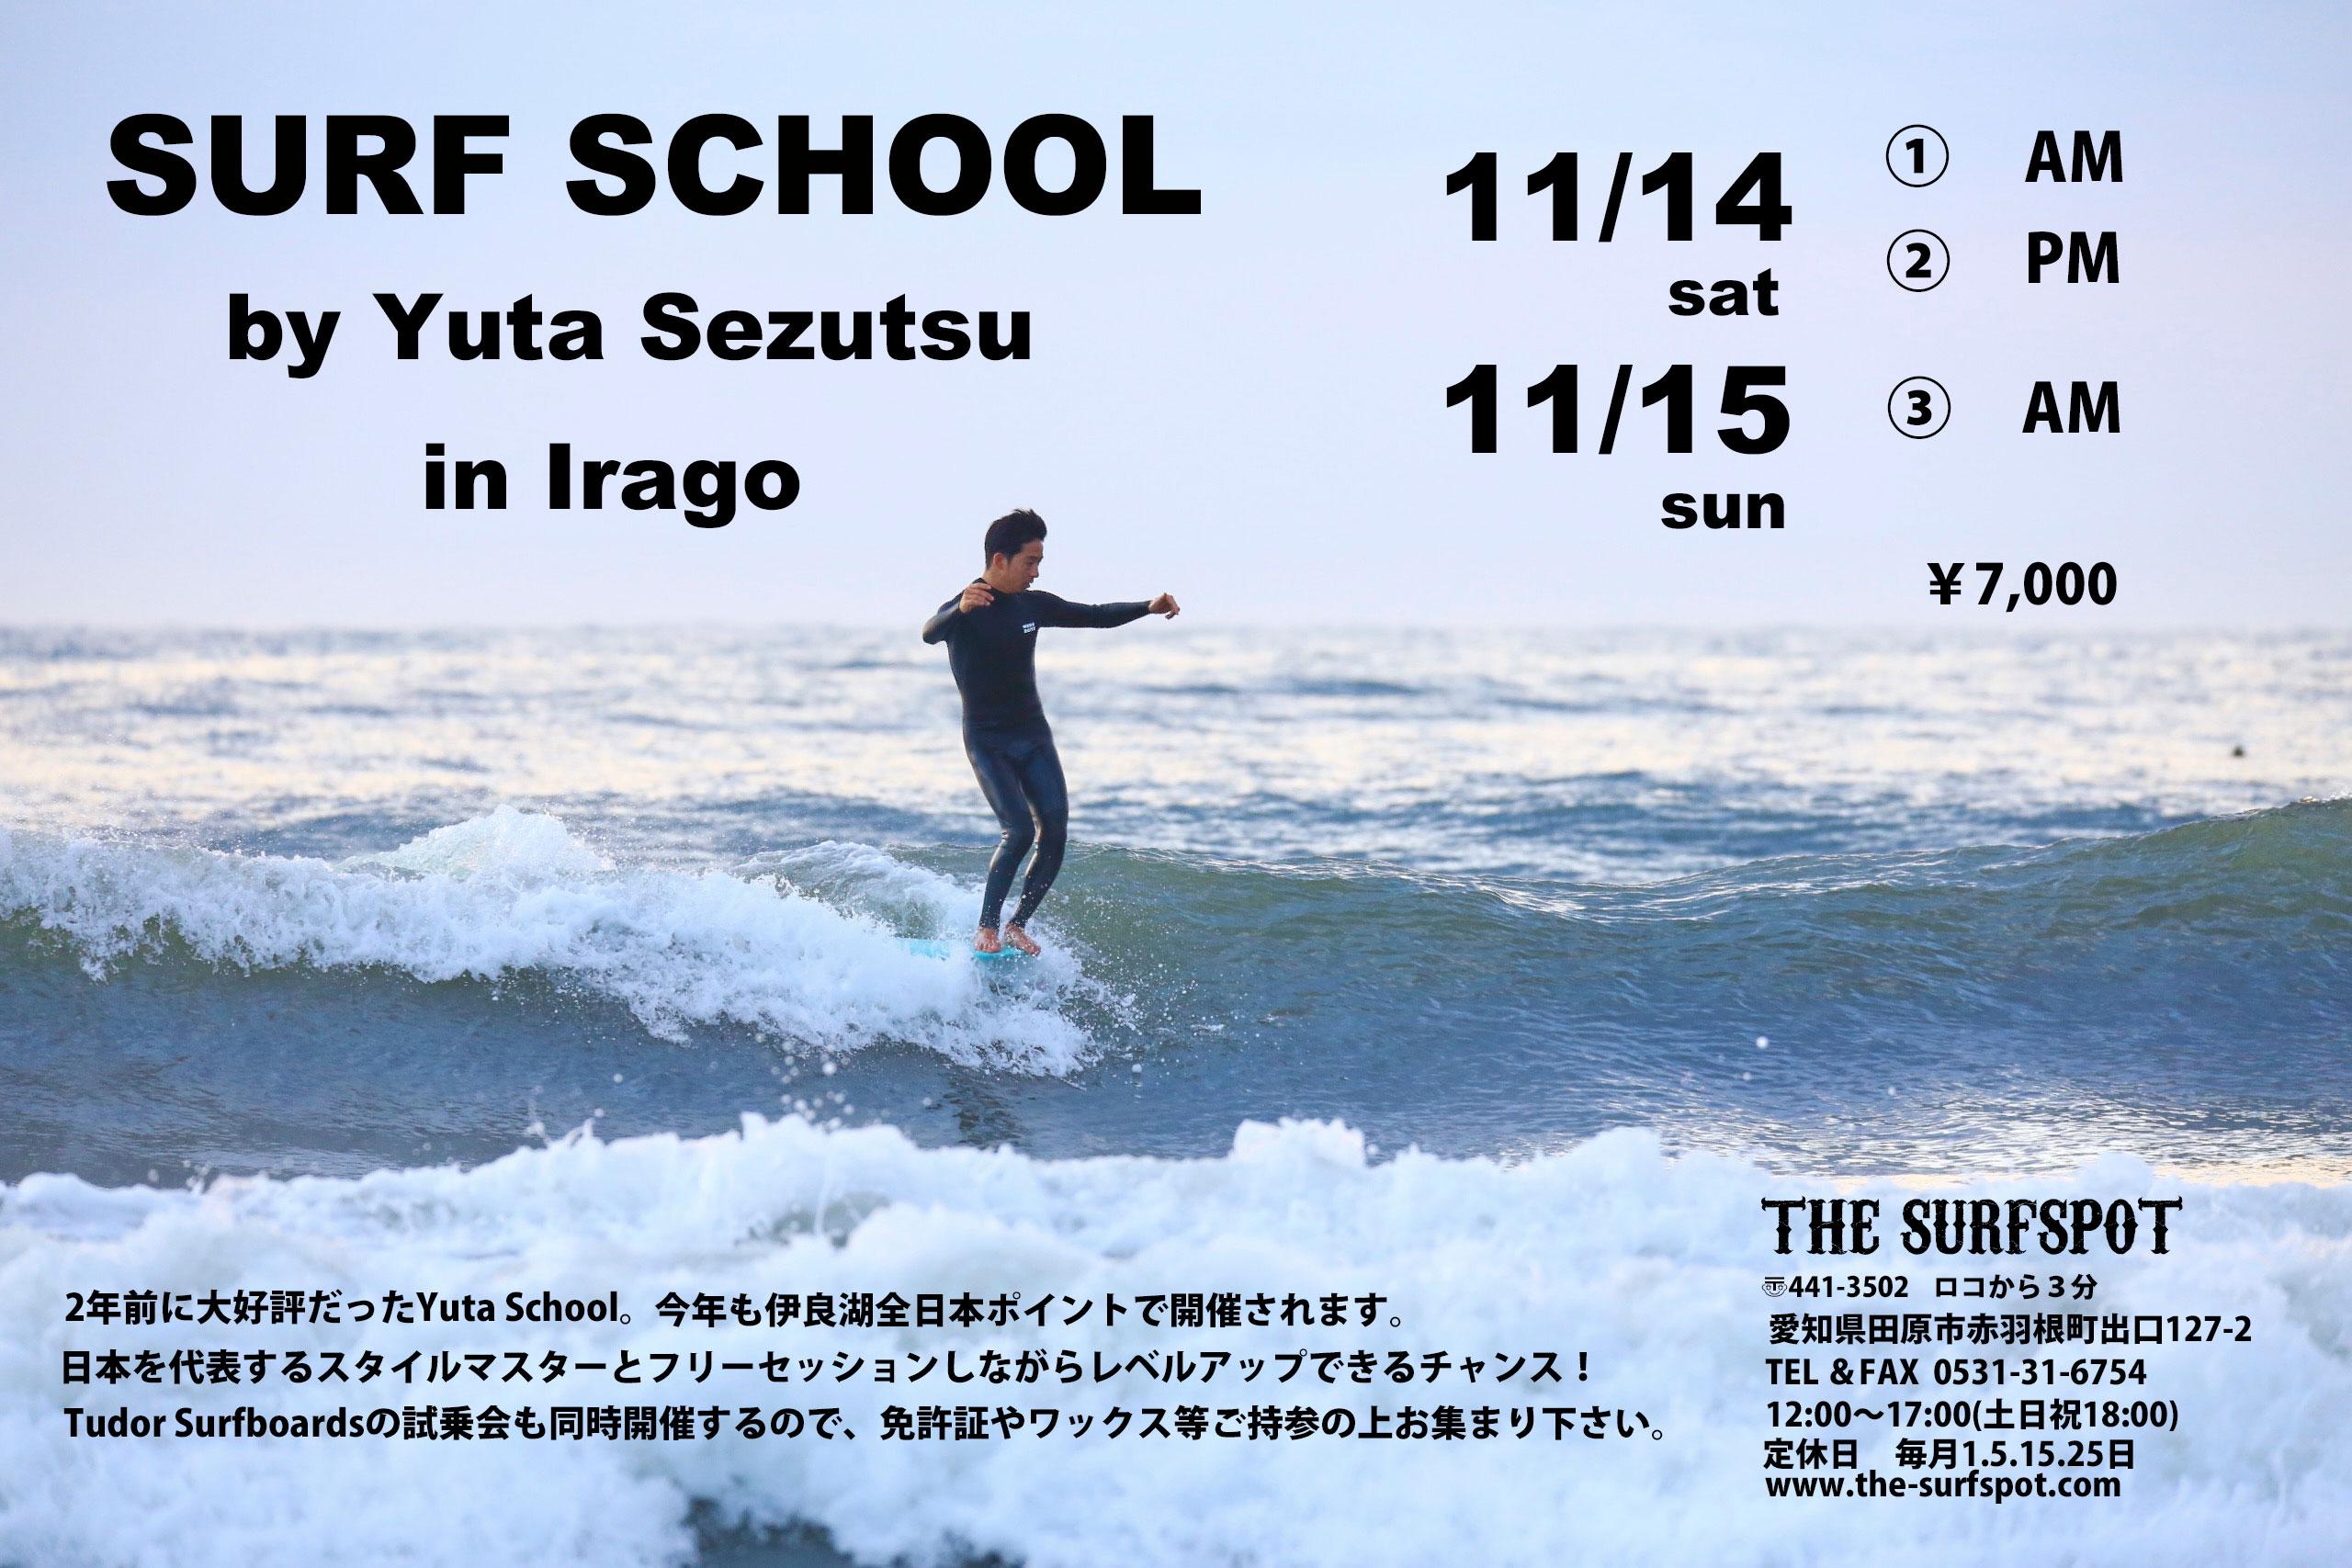 瀬筒雄太プロSurf School&Tudor Surfboards試乗会の開催